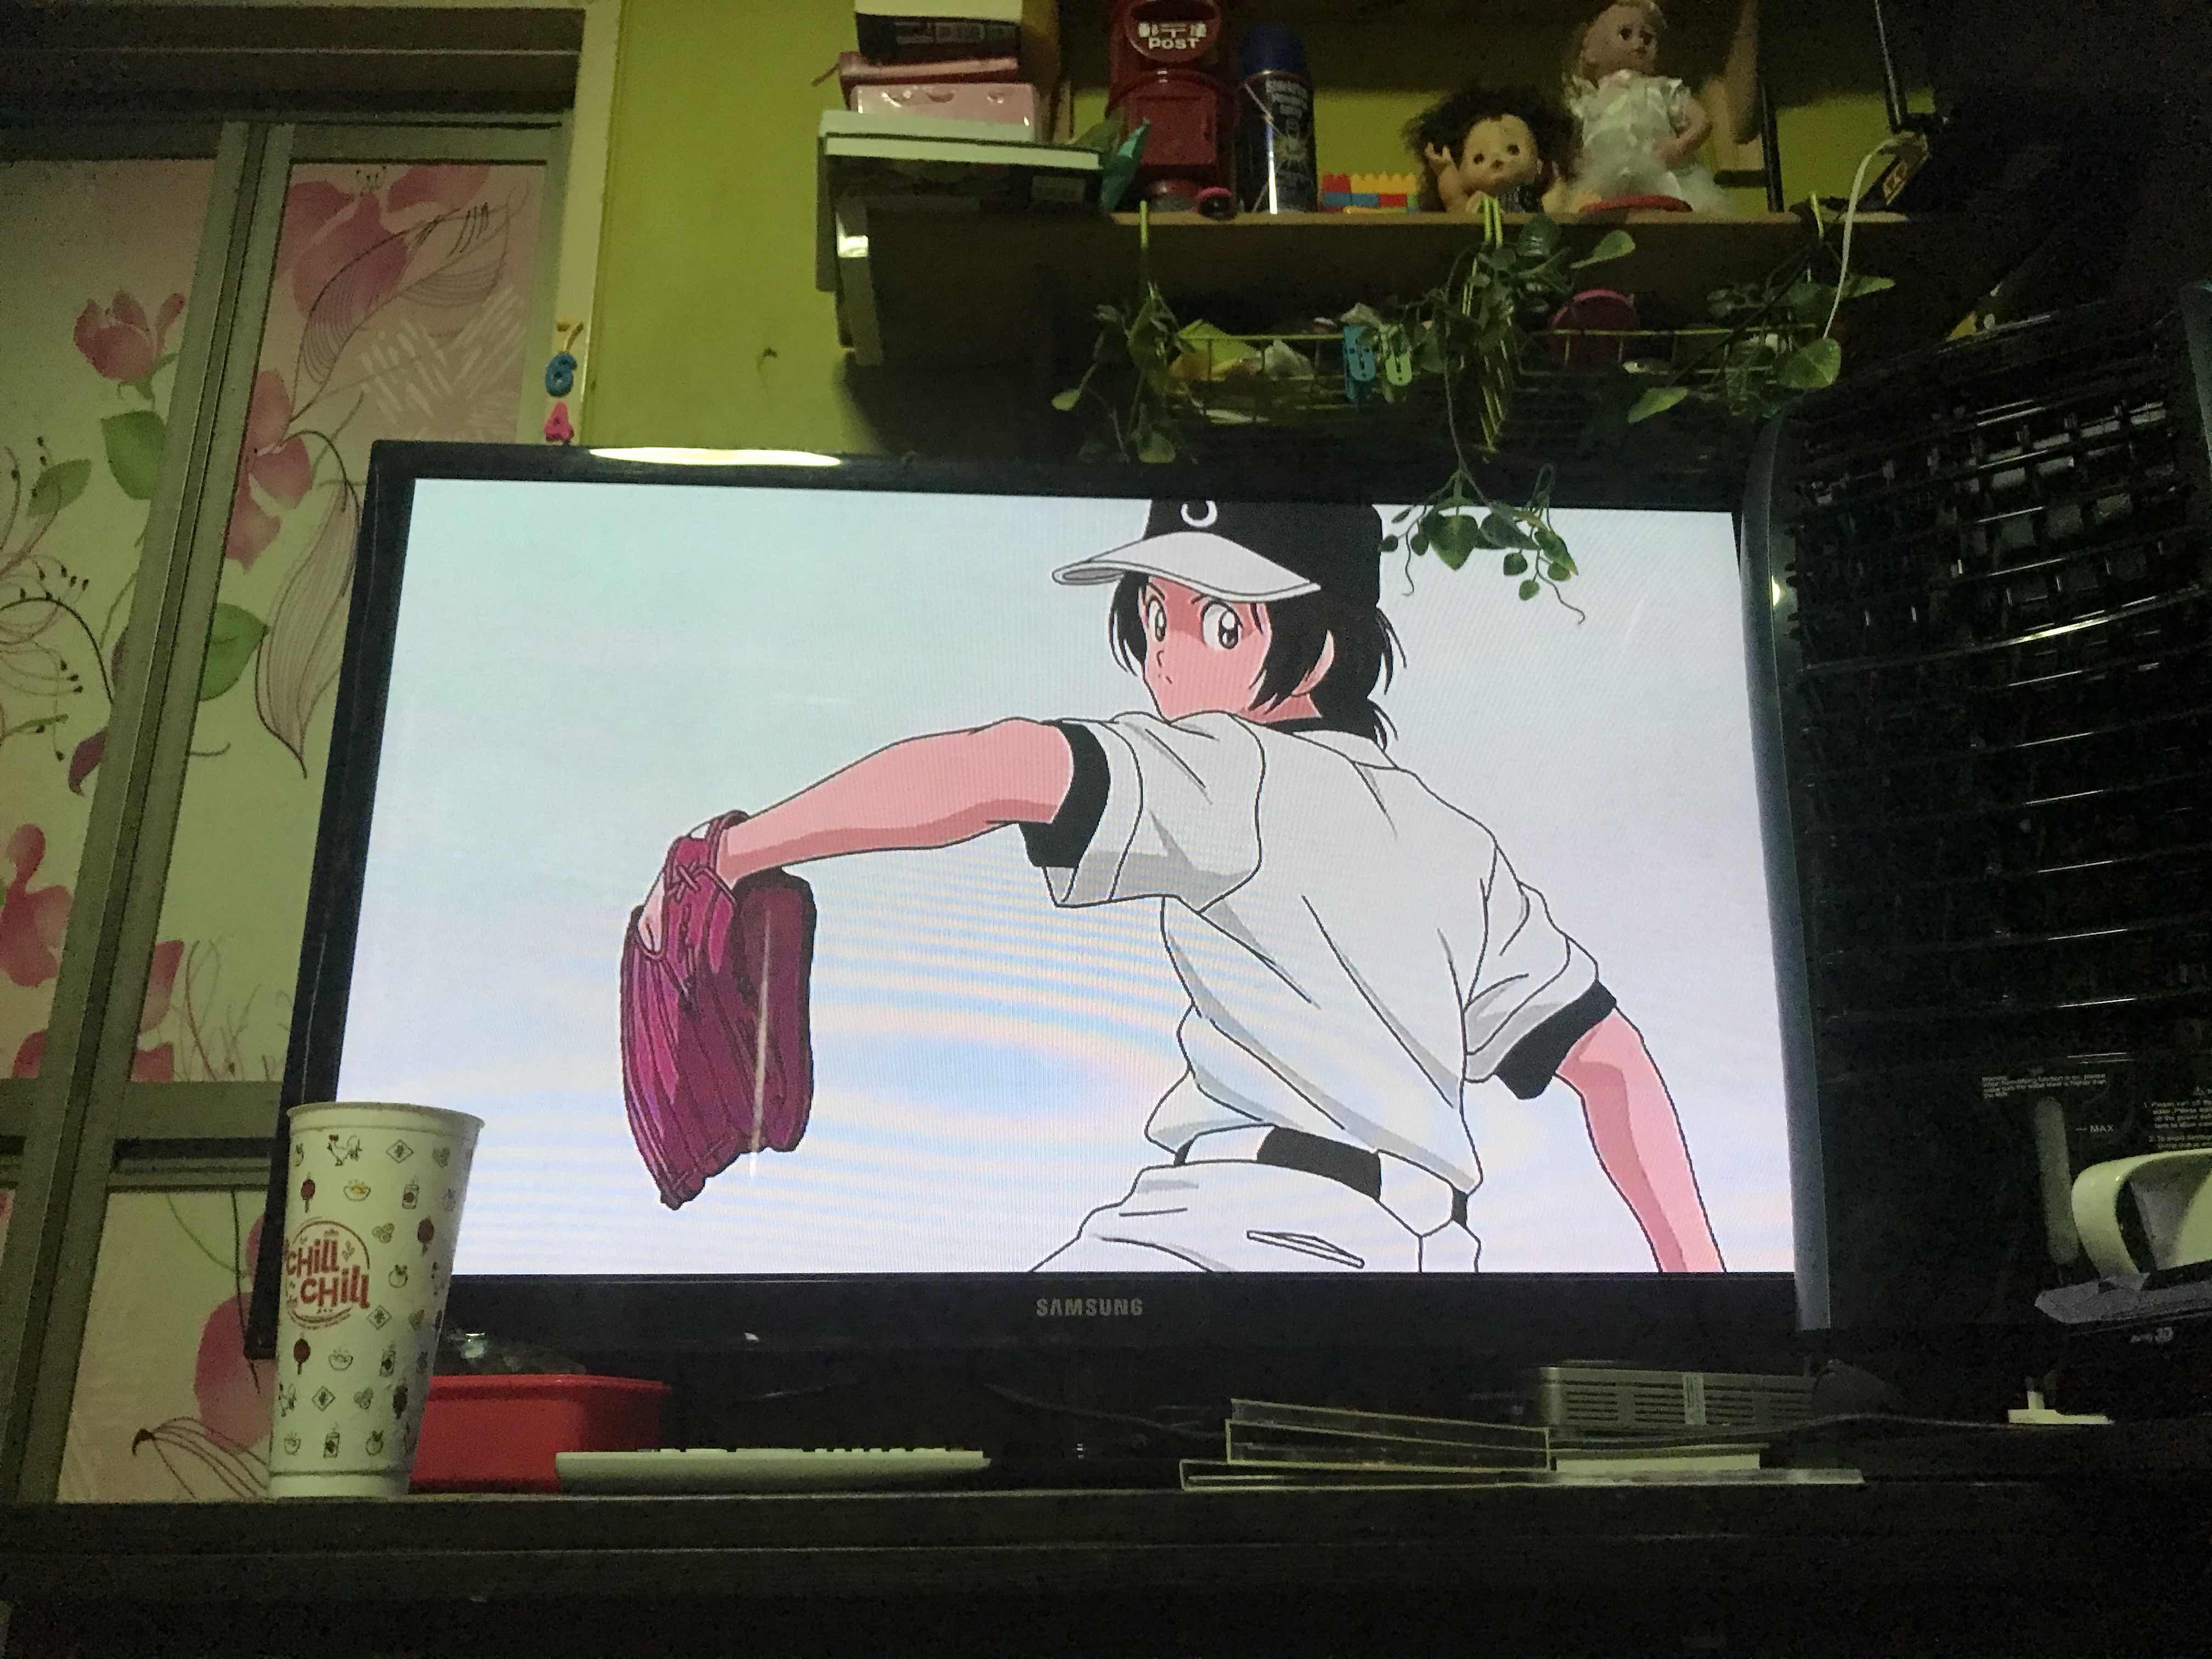 Dah lama gila aku meninggalkan aktiviti menonto anime akhirnya berpusing juga cd anime aku hari ni Aku ni memang ketahuan penggemar sports anime dan ini